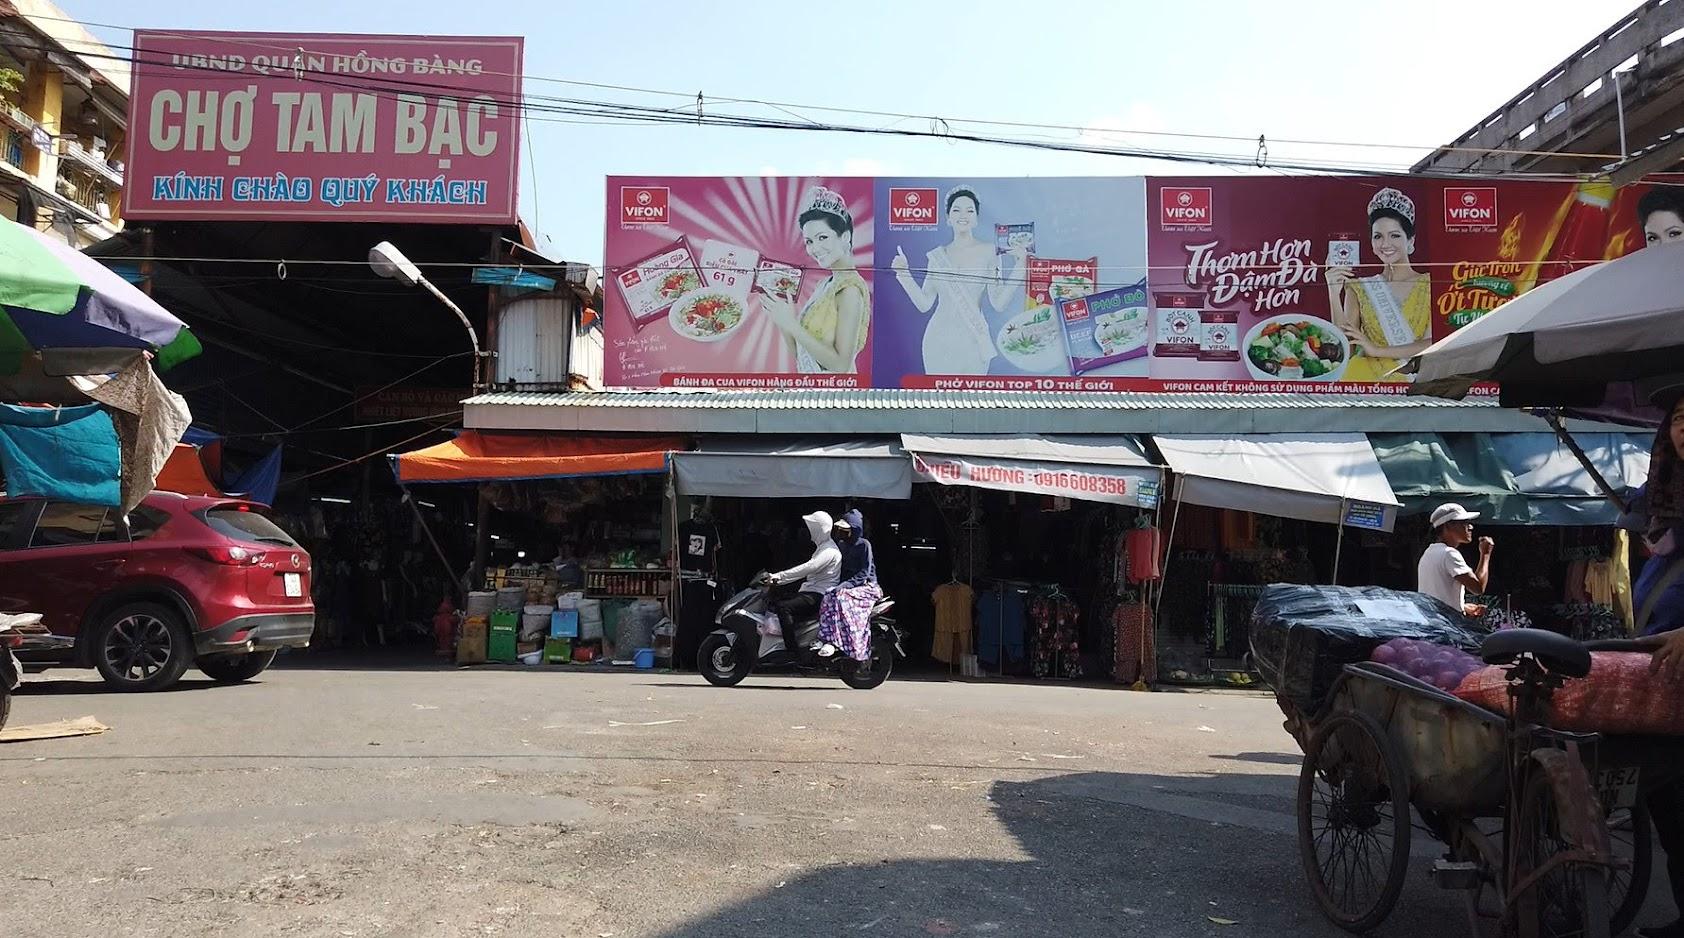 Chụp ảnh phố Lý Thường Kiệt sông Tam Bạc ở Hải Phòng 5